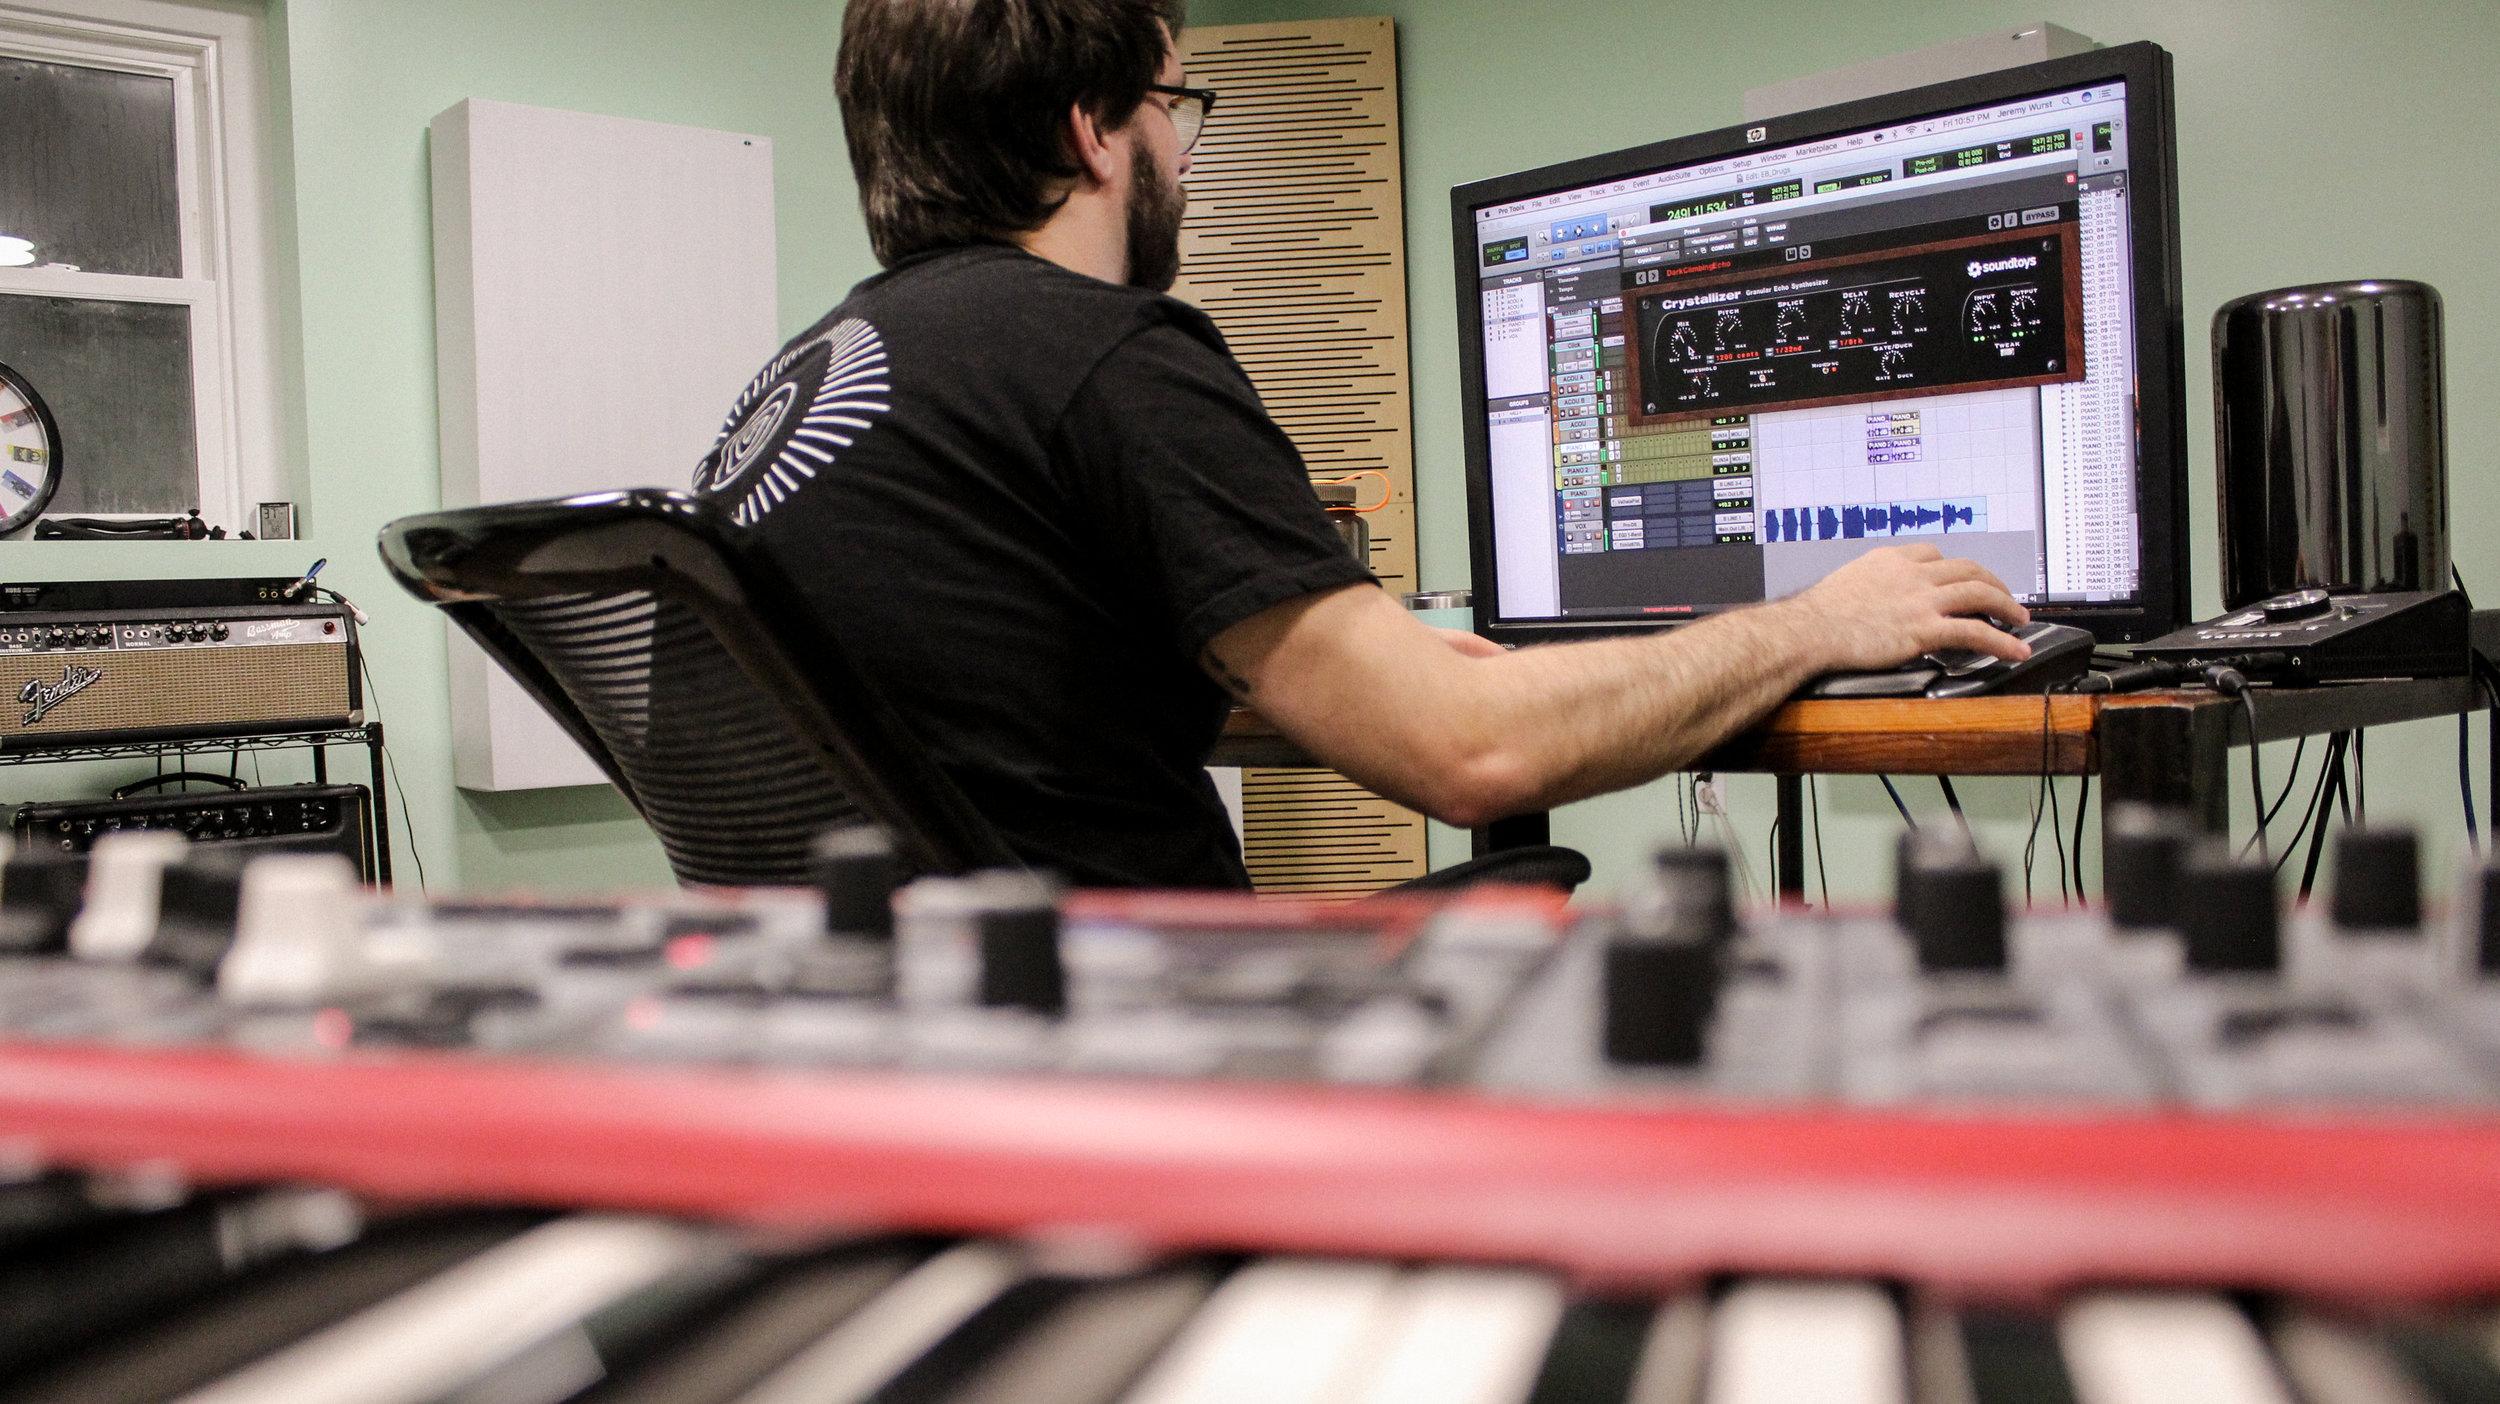 EB_PromisedLand-Studio-35.jpg